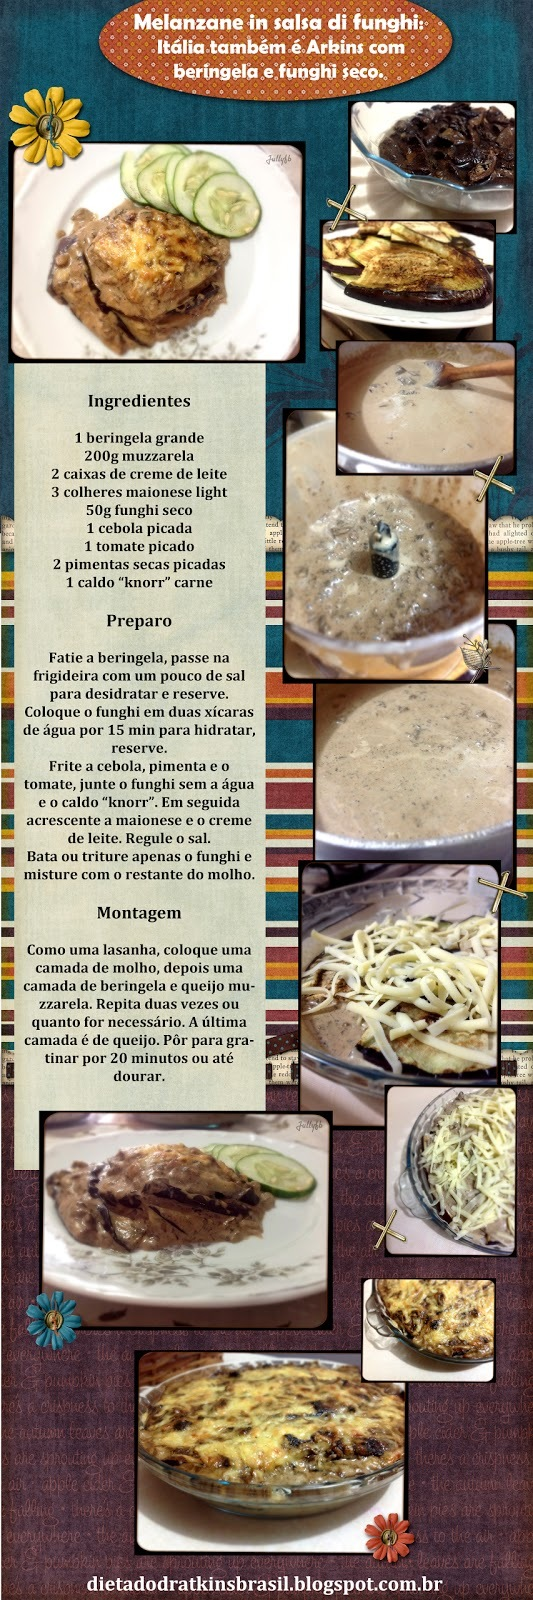 Melanzane in salsa di funghi: Itália também é Atkins com beringela e funghi seco